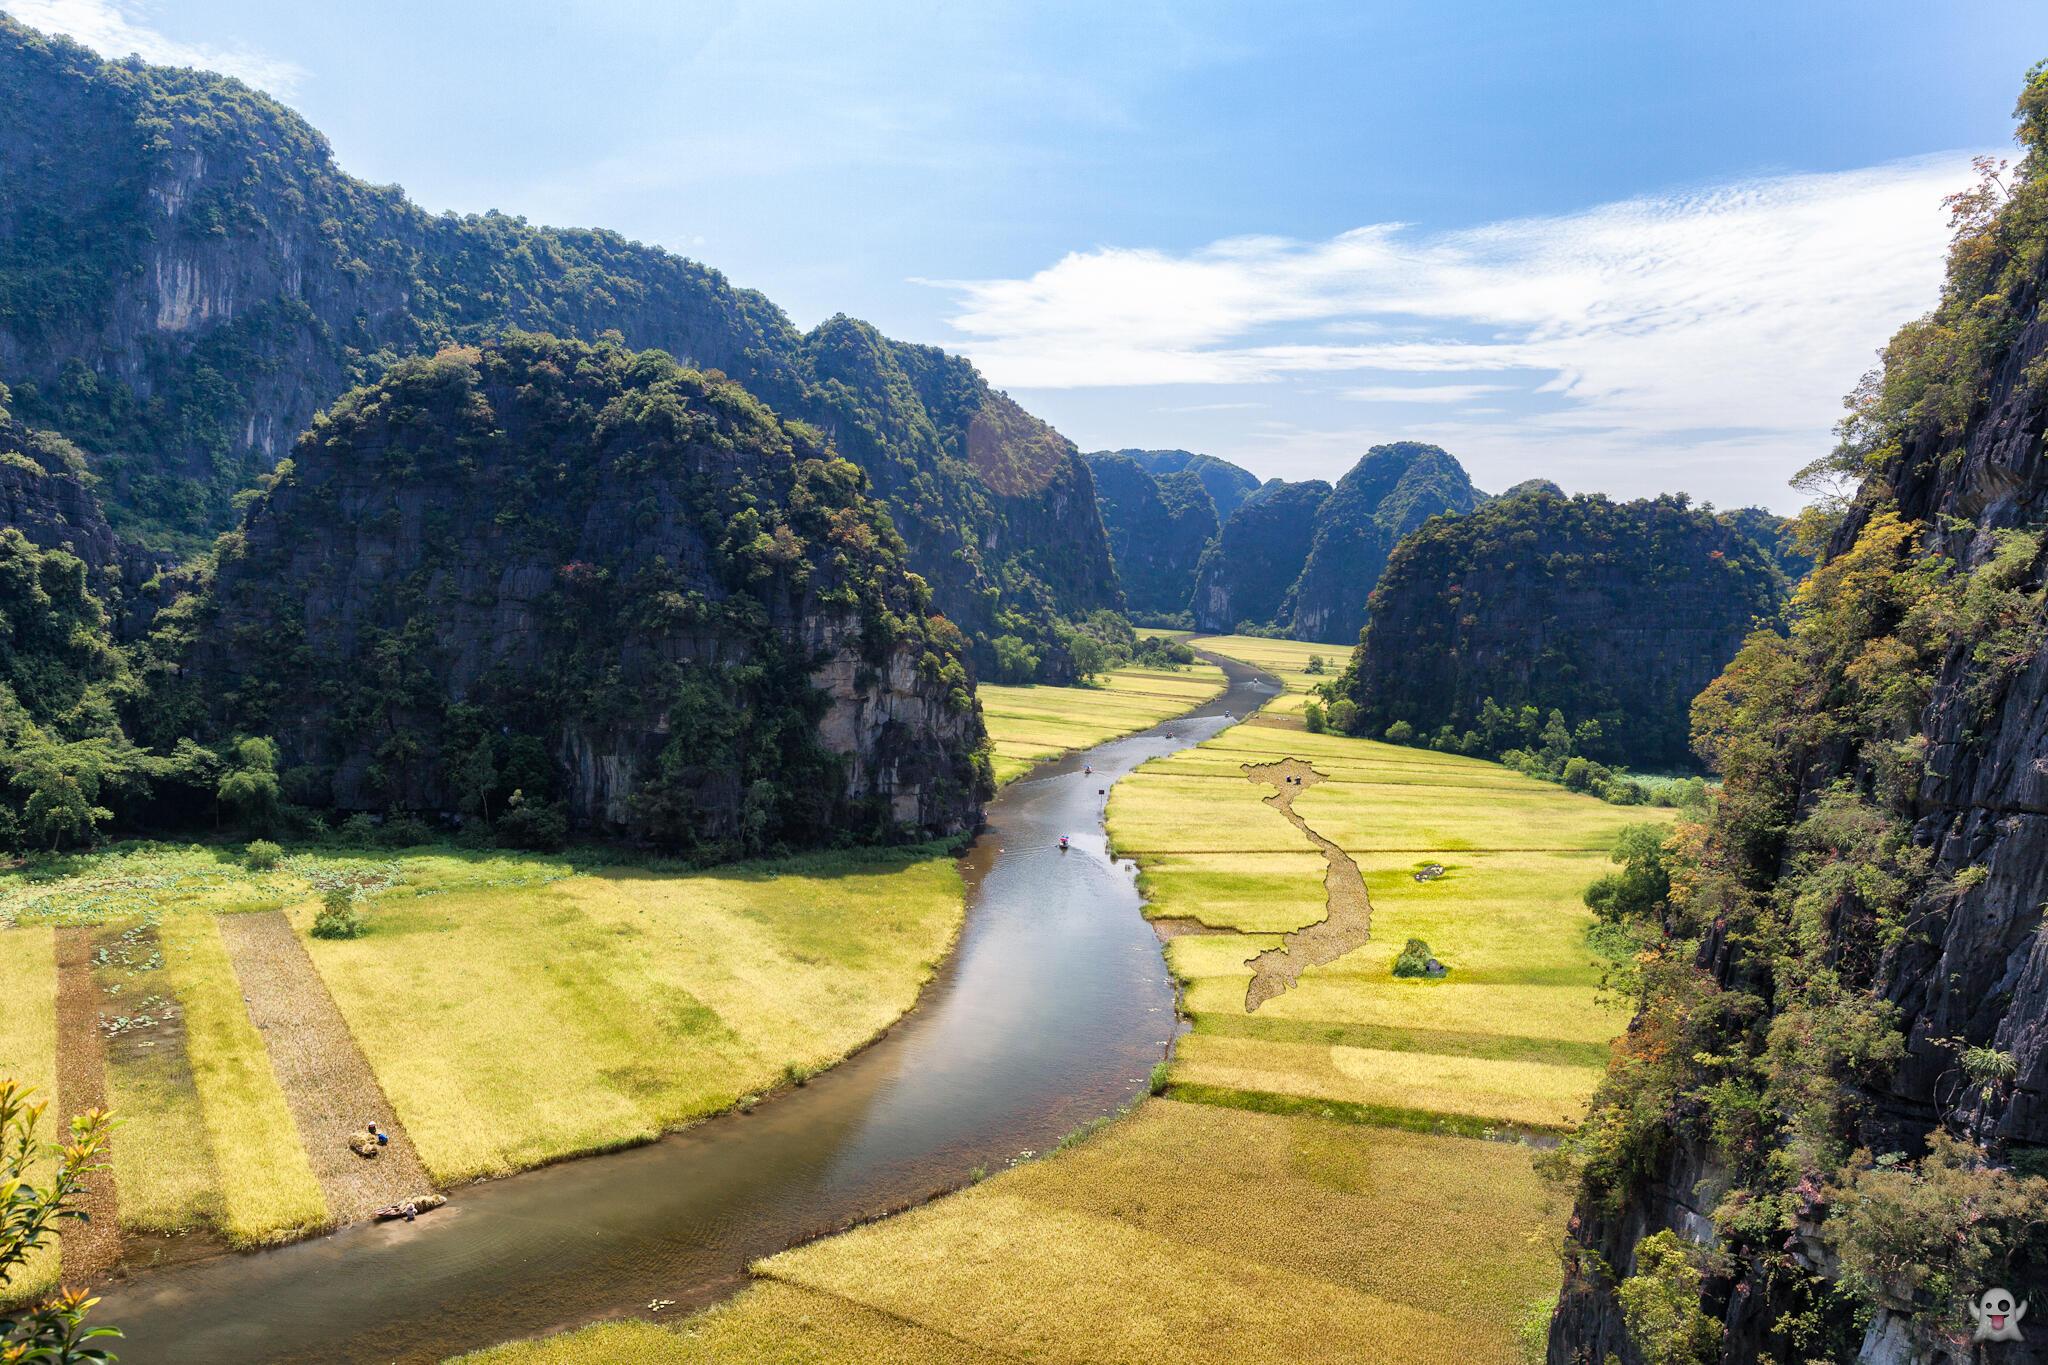 Dòng sông Ngô Đồng, dẫn vào khu Tam Cốc, nhìn từ đỉnh Núi Múa, Ninh Bình.